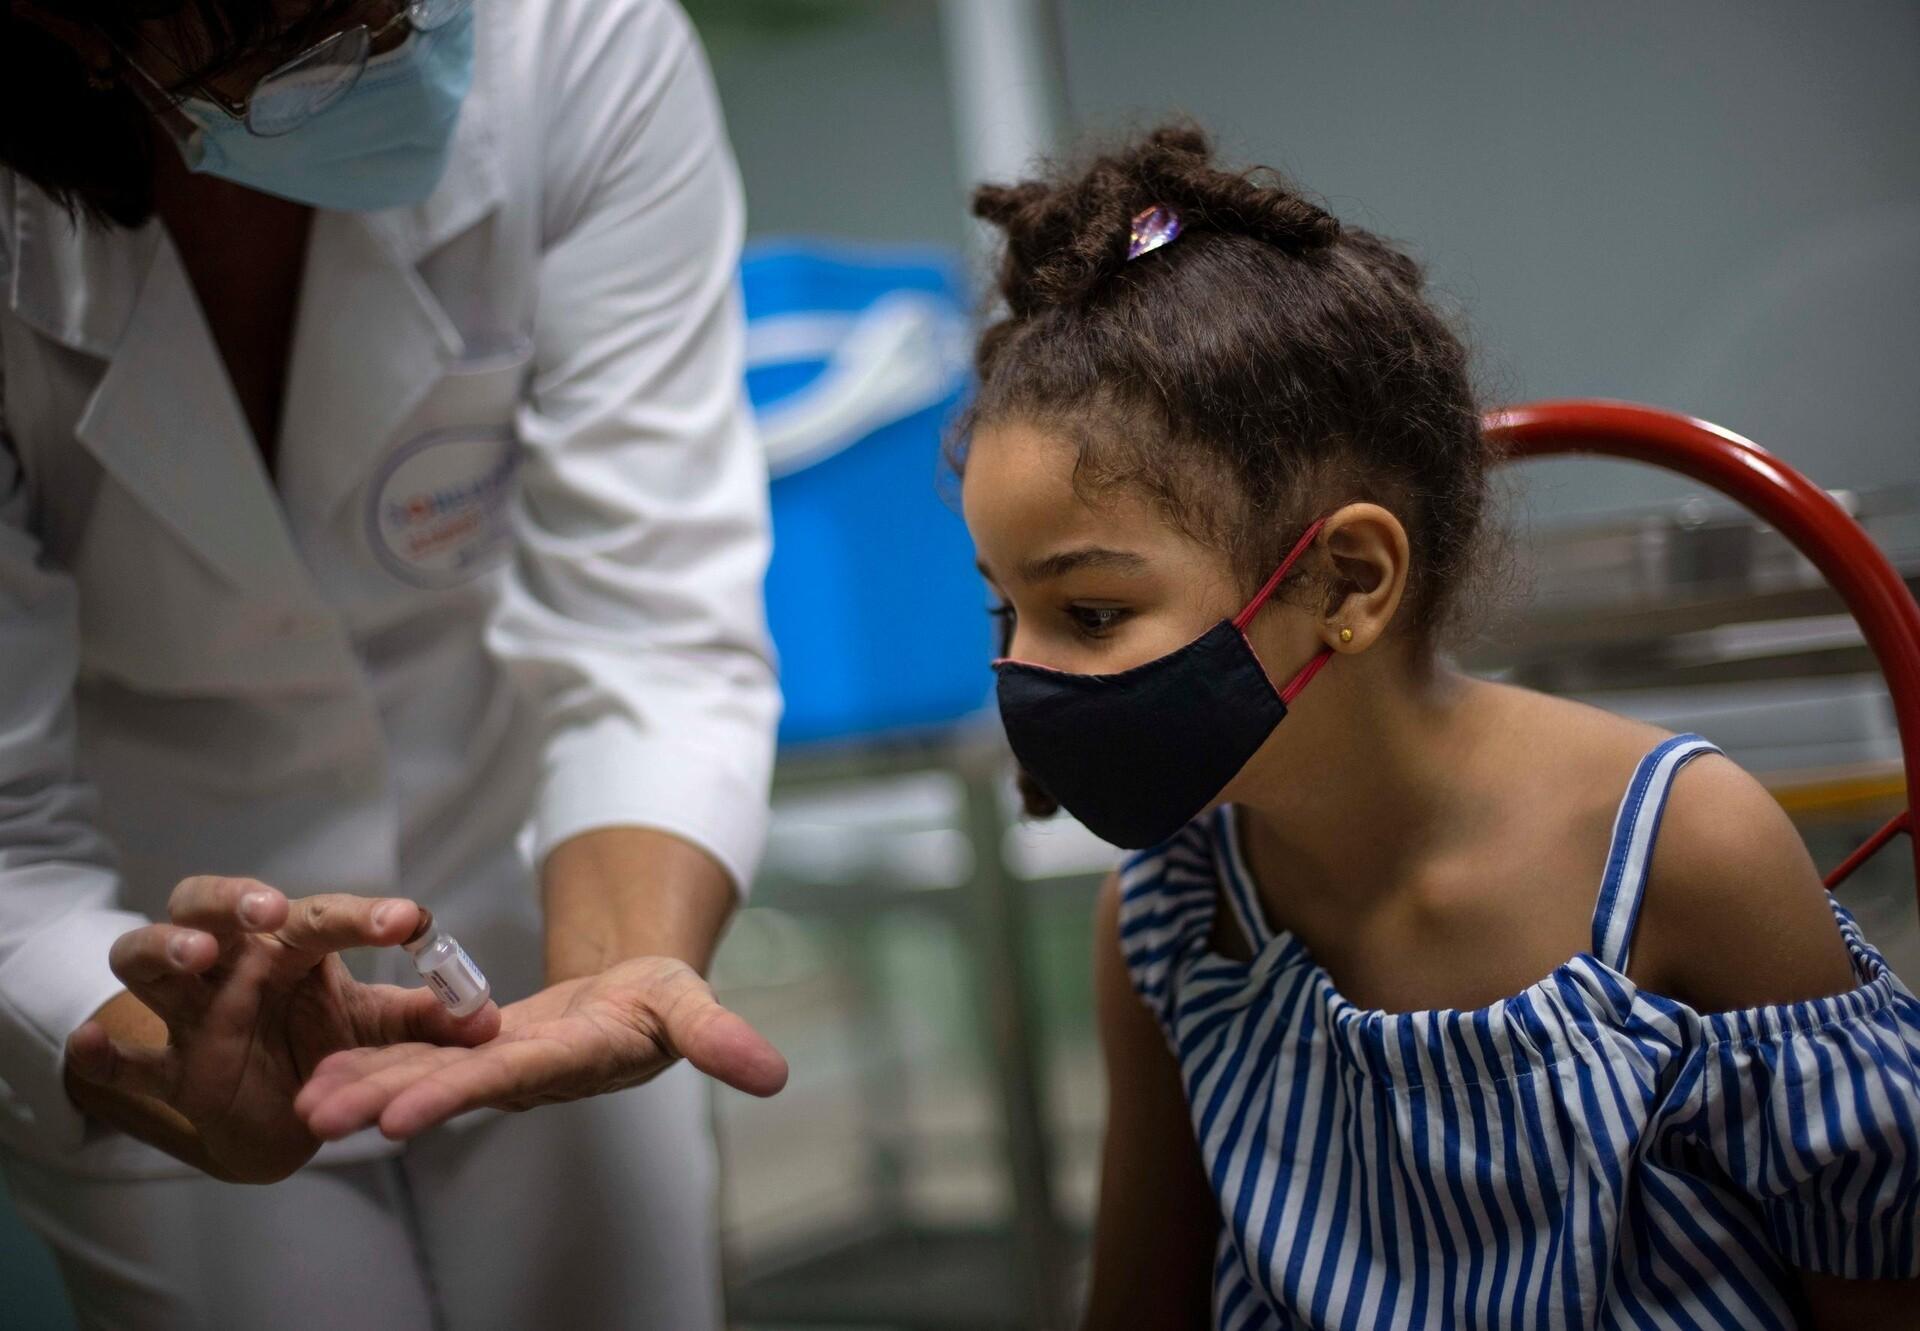 6 loại Vaccine COVID-19 được một số quốc gia phê duyệt tiêm cho trẻ em - Ảnh 6.